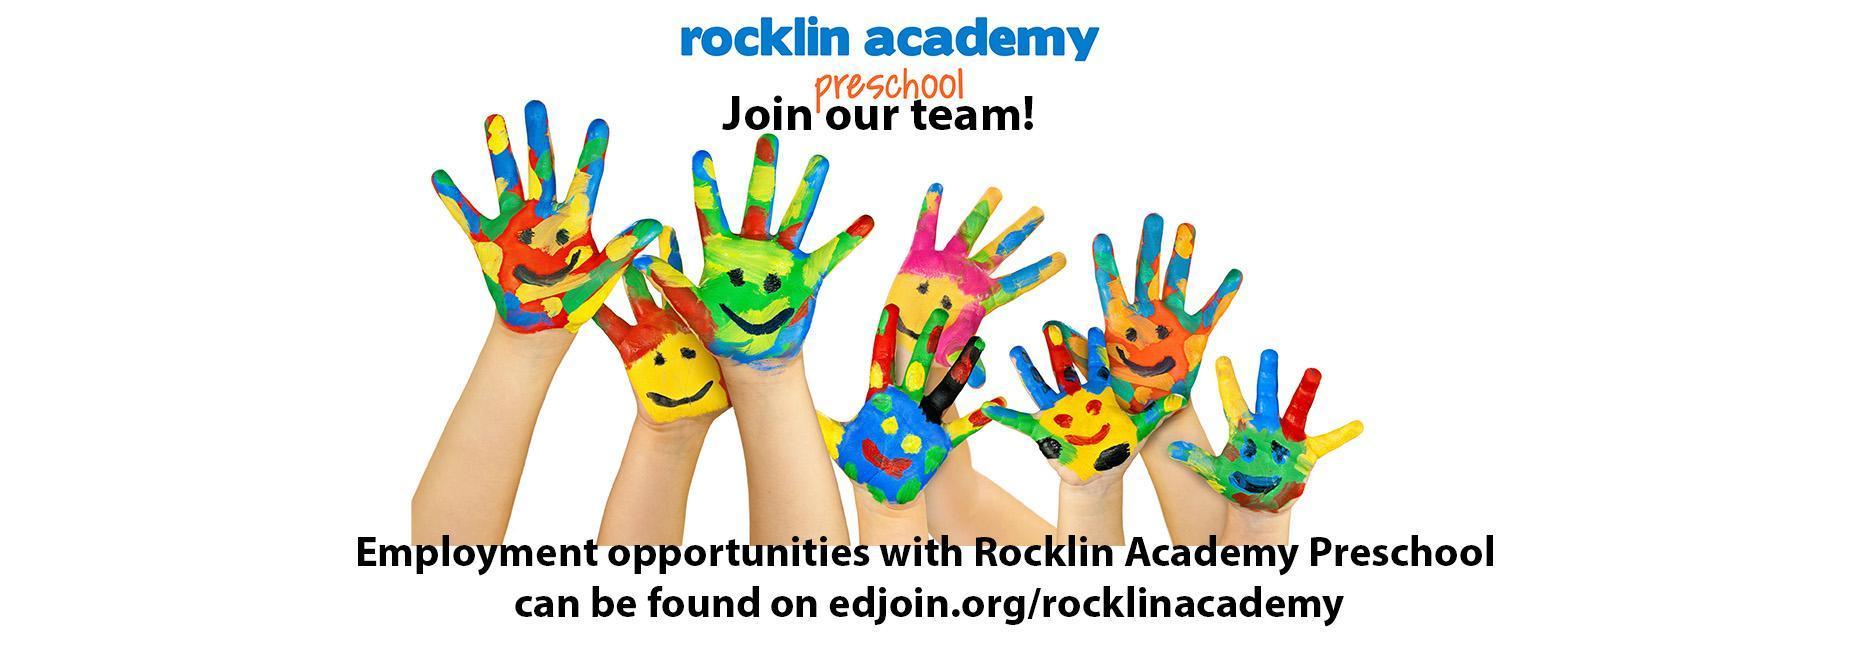 painted kids hands. rocklin academy preschool job opportunities at edjoin.org/rocklinacademy